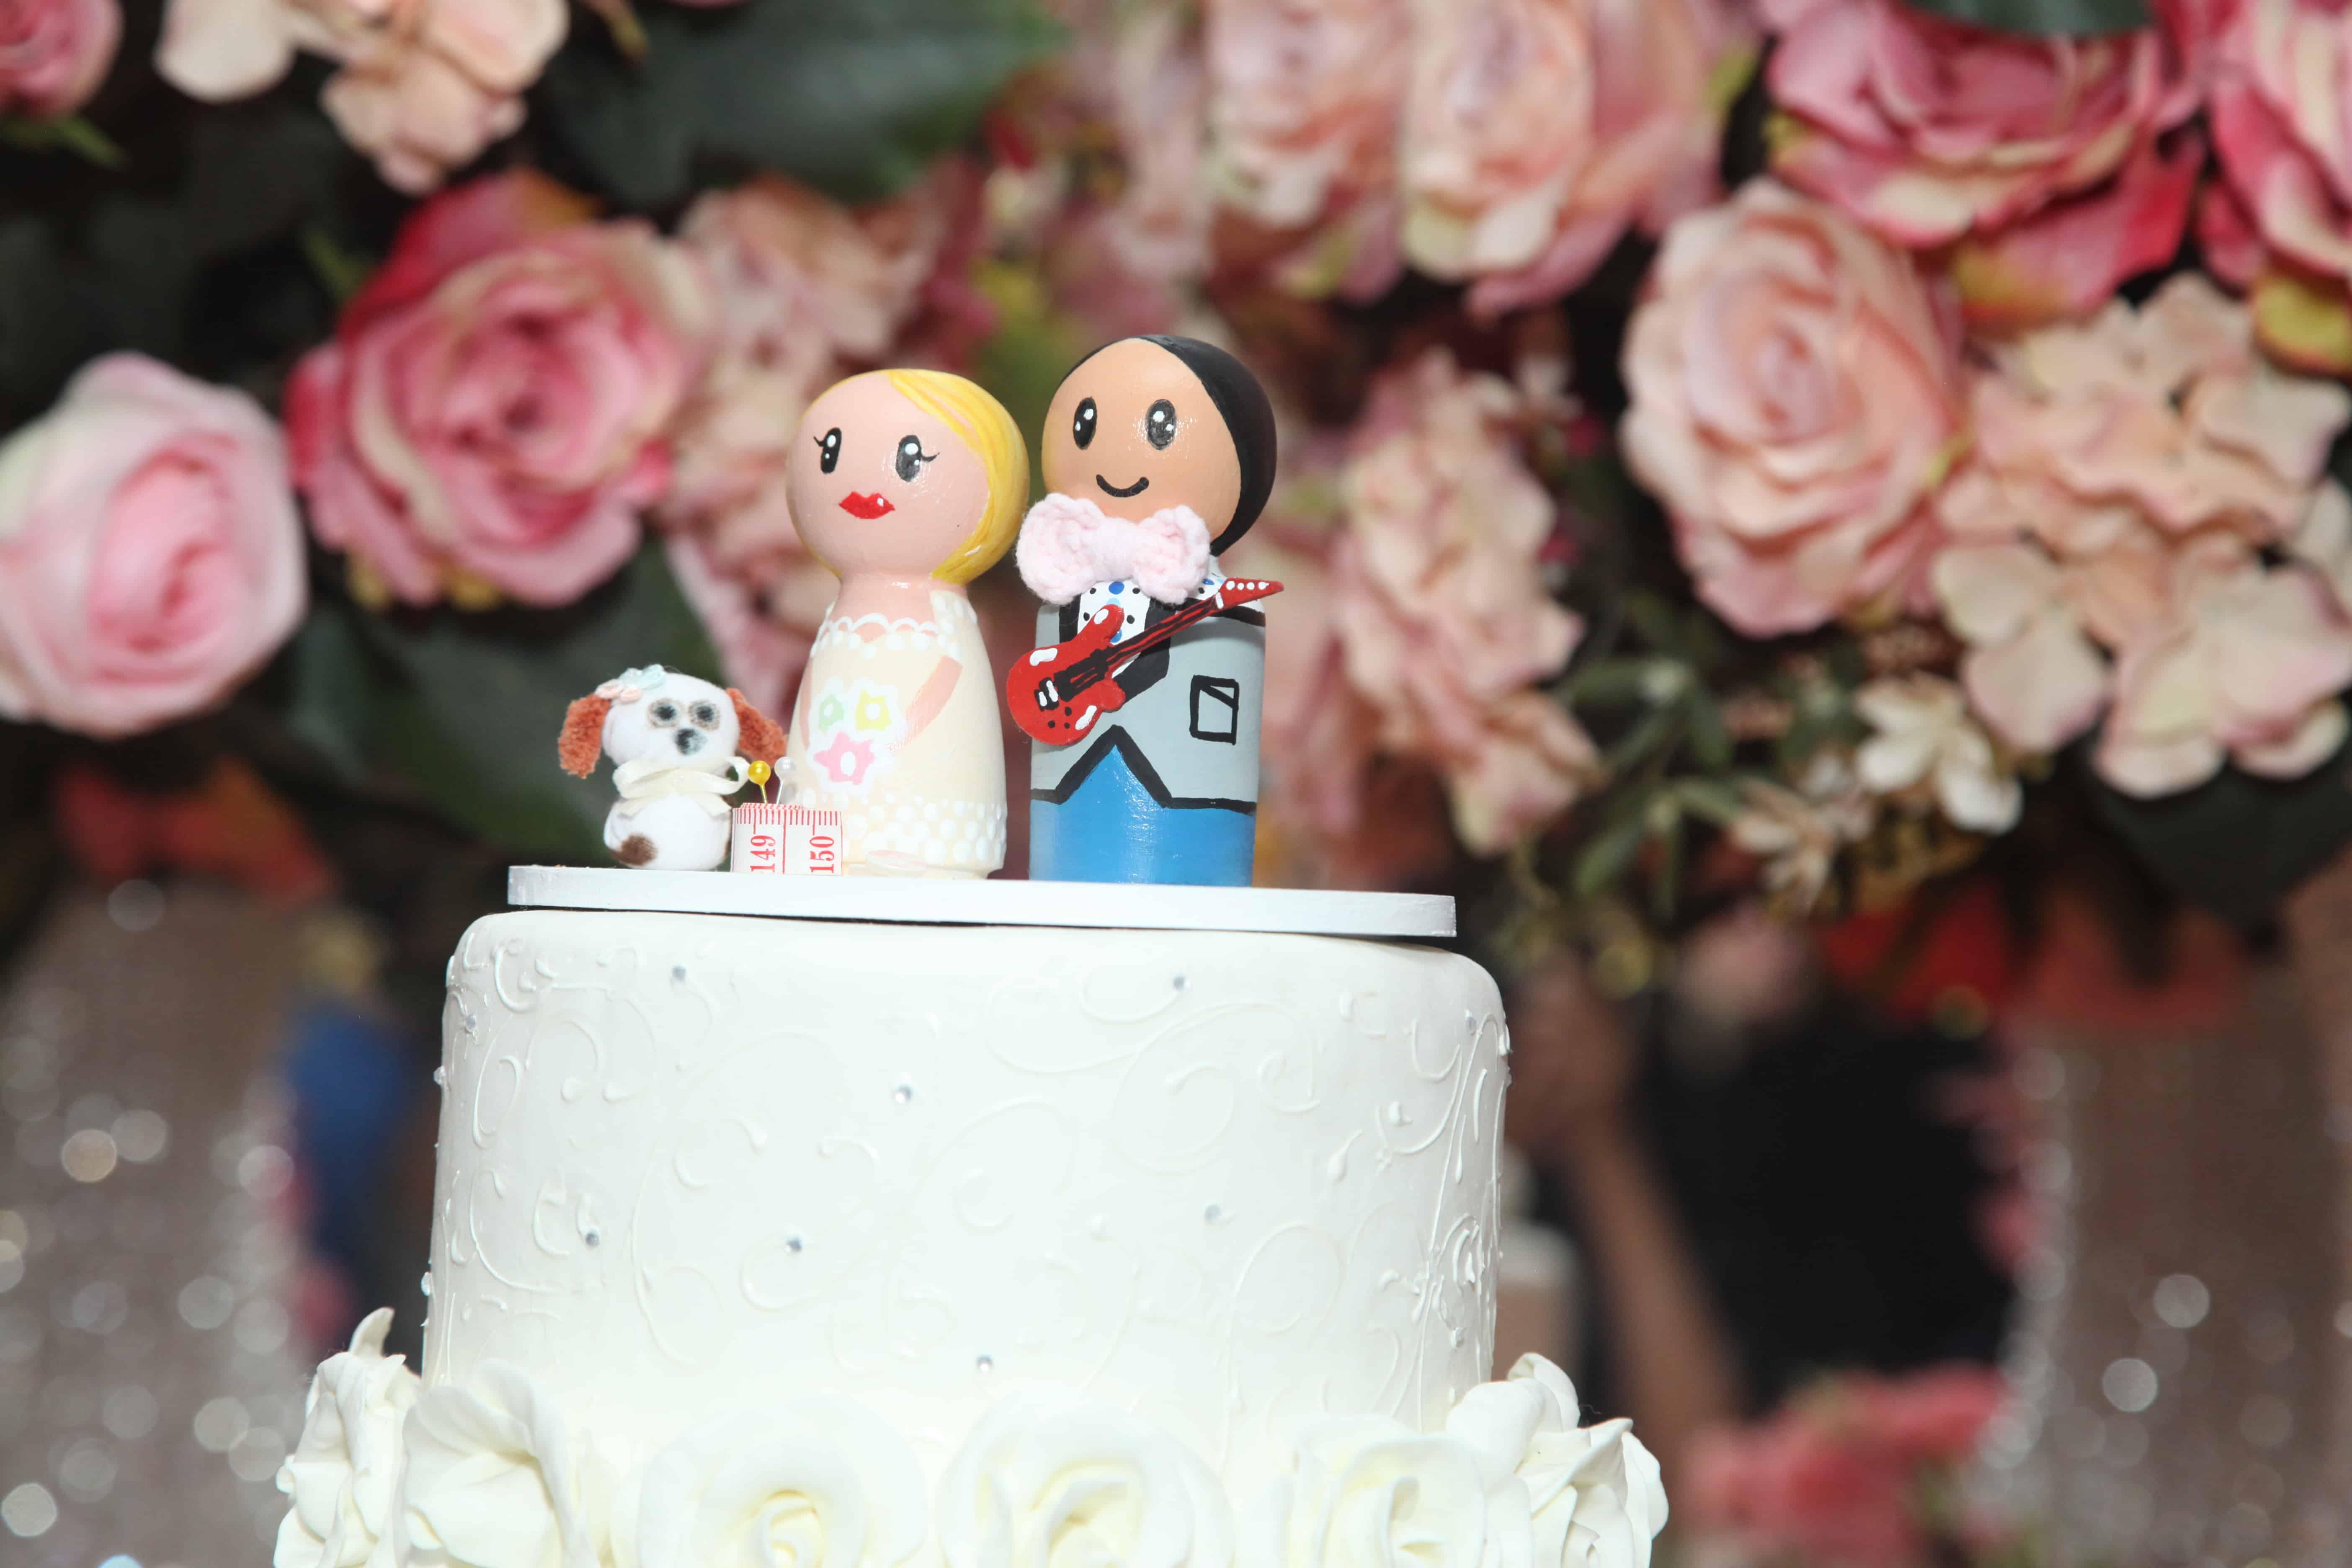 Jacky, Elo7, casamento, casamento real, organização do casamento